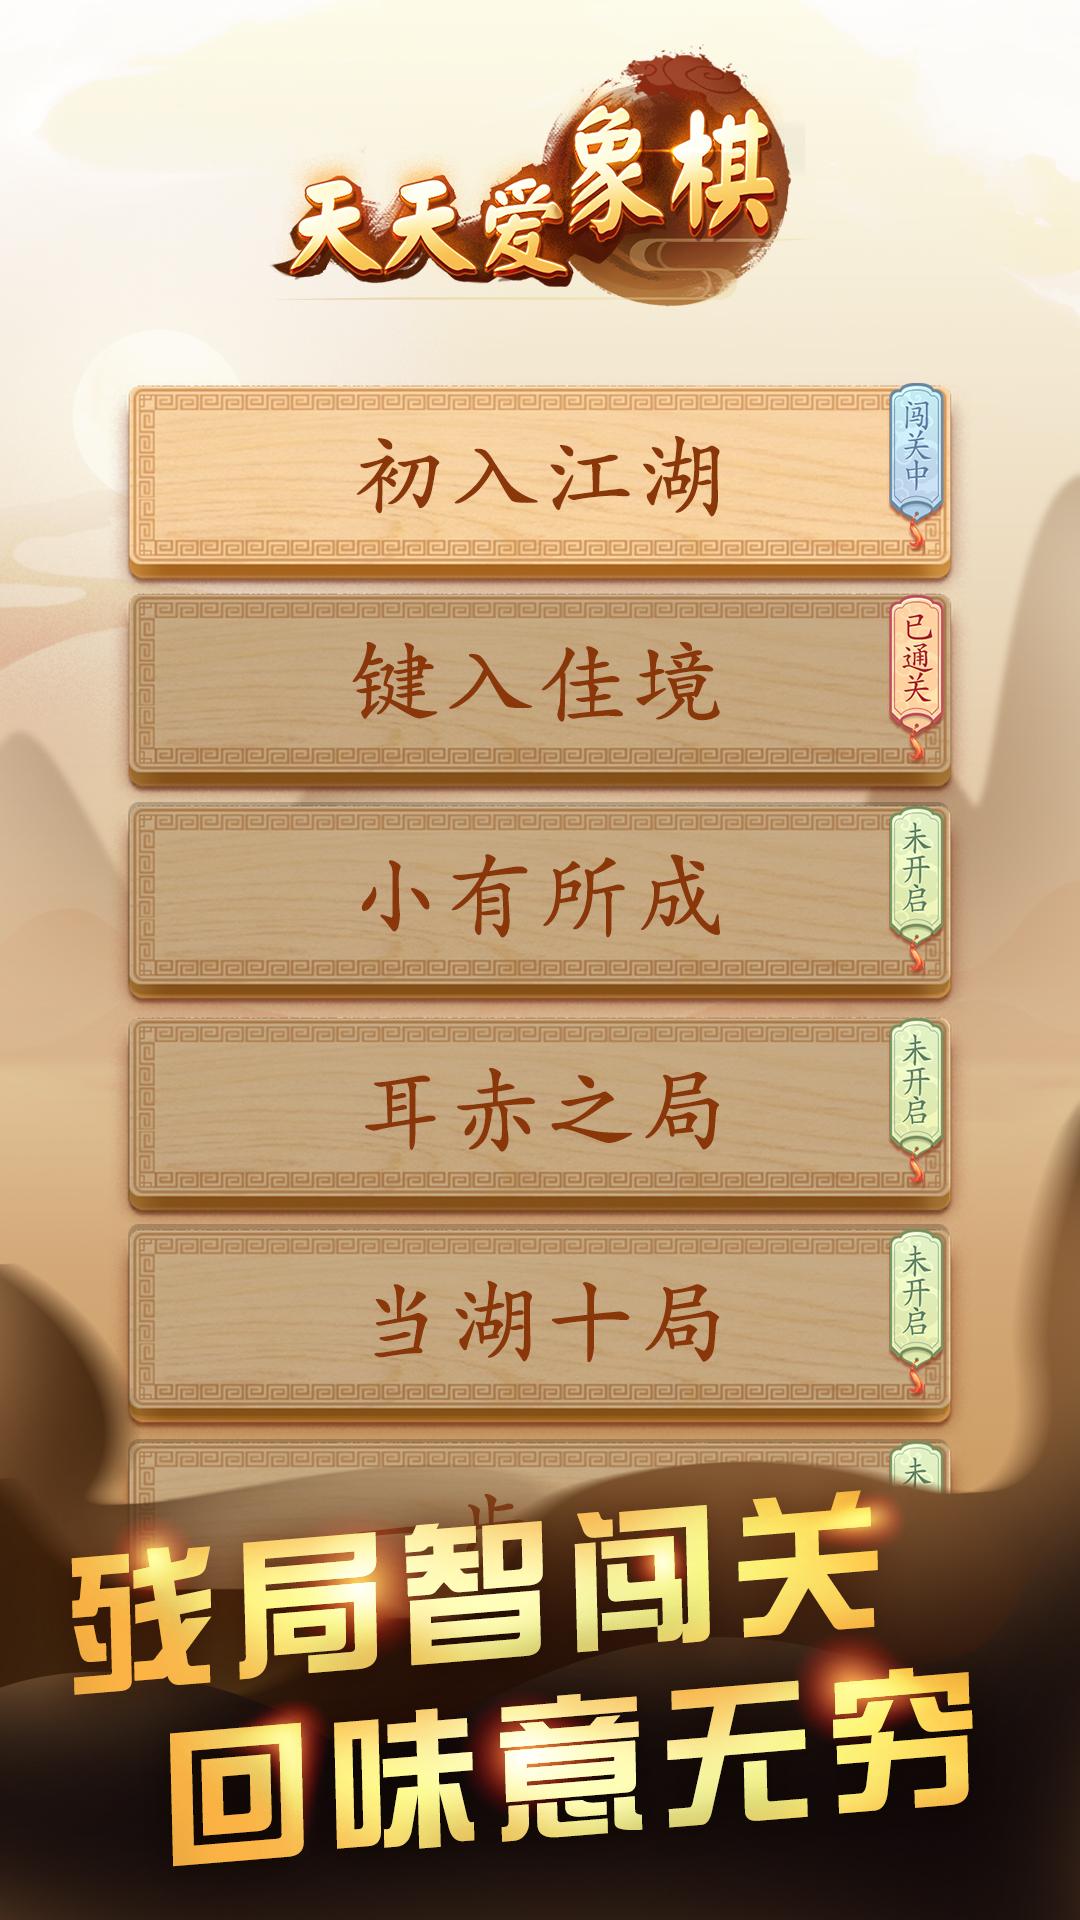 天天爱象棋截图(4)